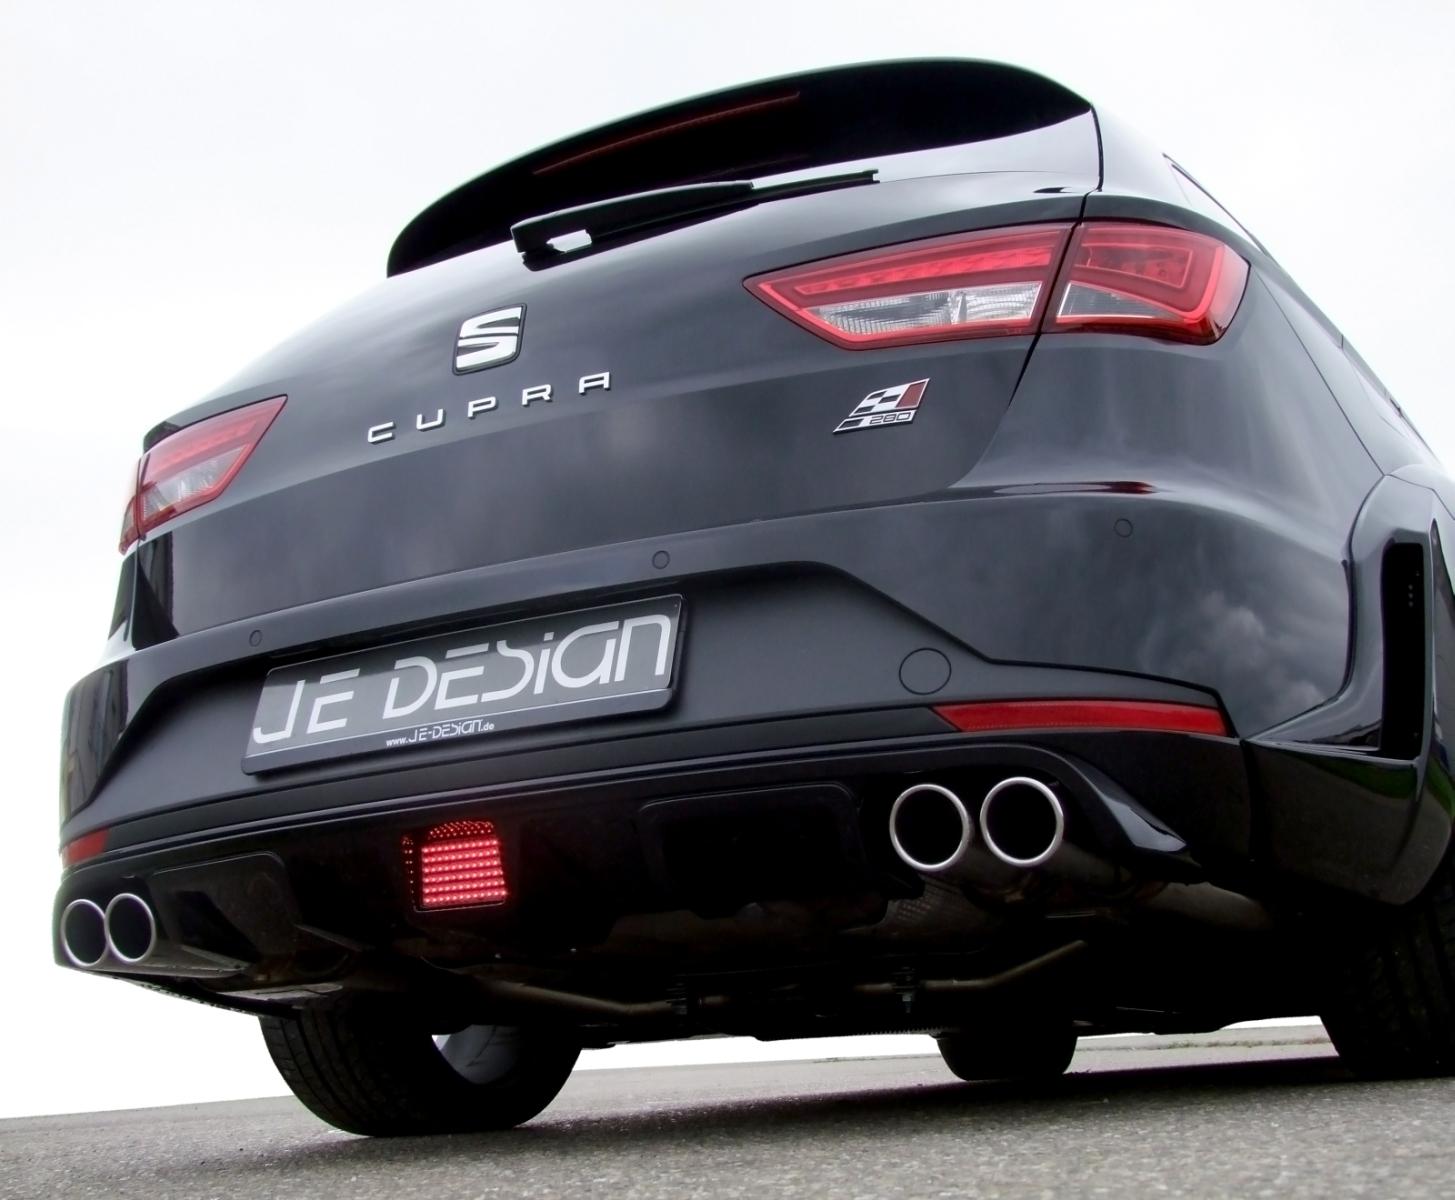 JE Design SEAT Leon Cupra ST